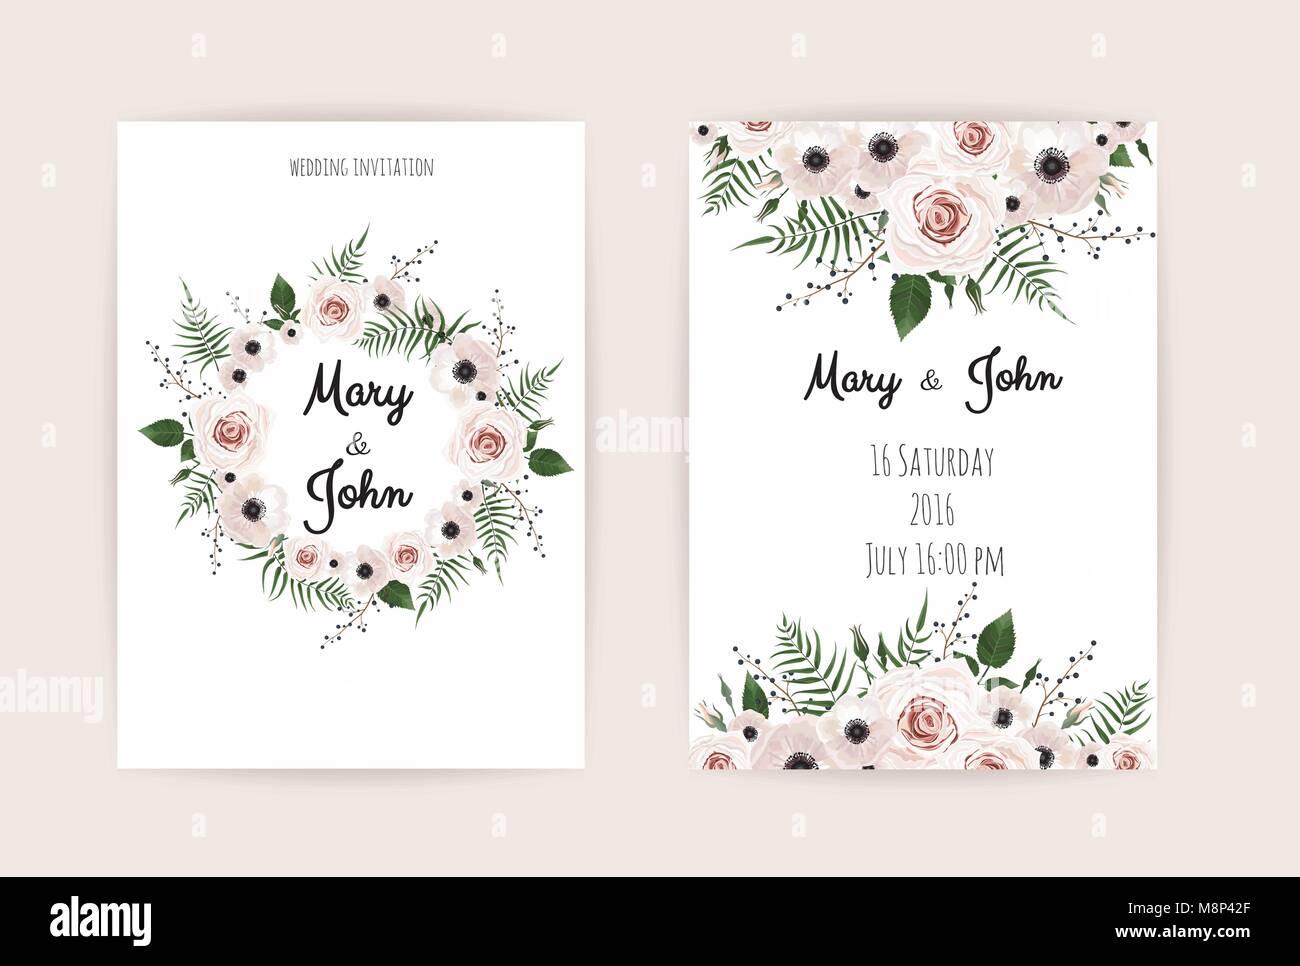 Hochzeit Einladung Karte Modernen Design Vektor Elegante Aquarell